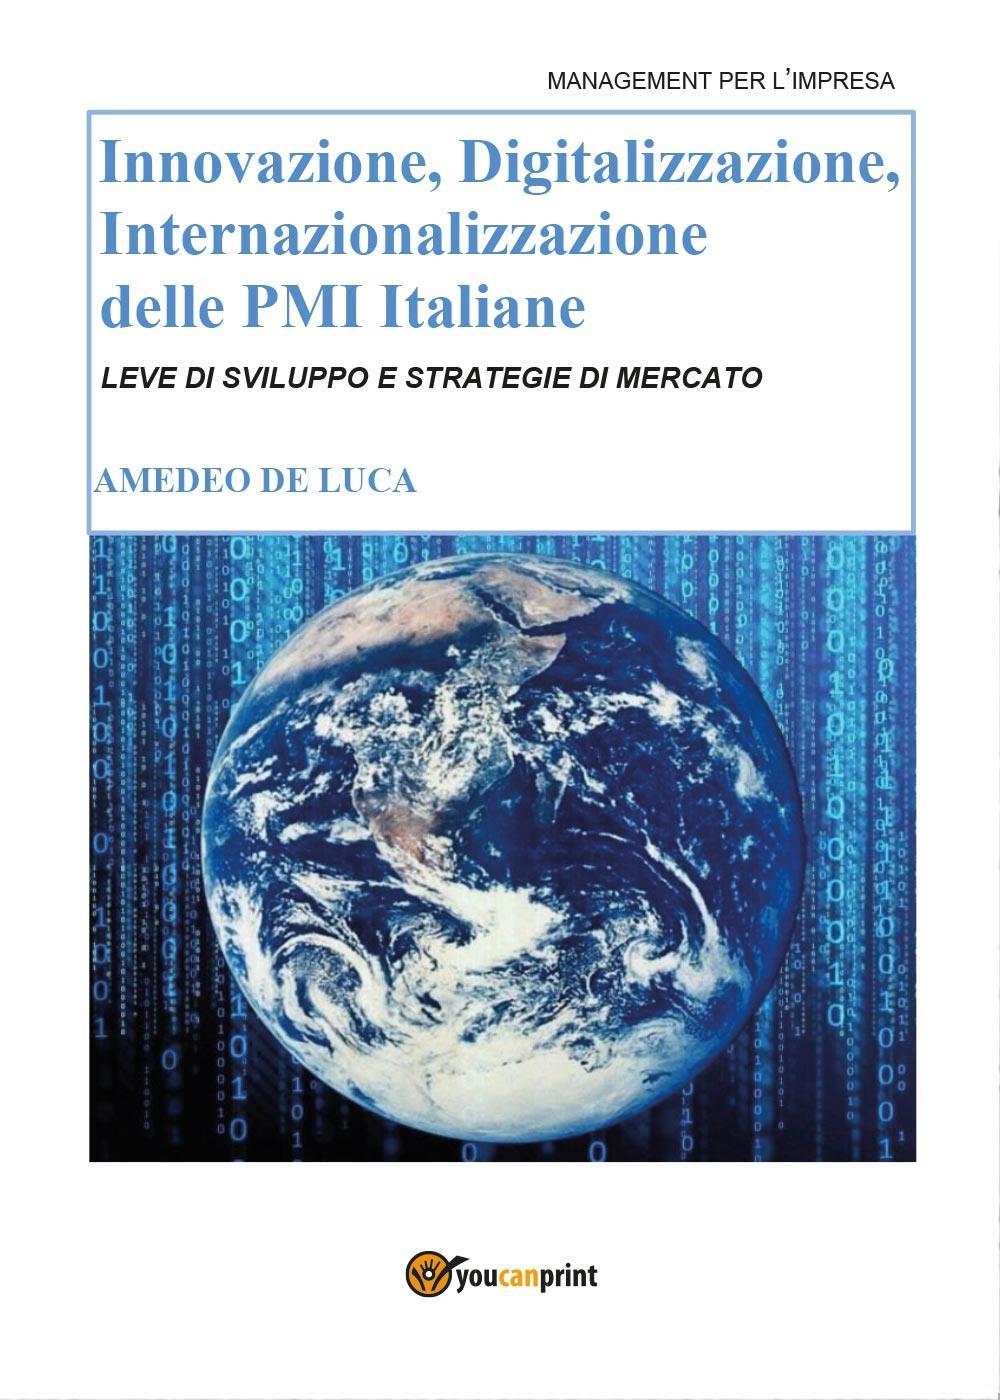 Innovazione, Digitalizzazione, Internazionalizzazione delle Pmi Italiane